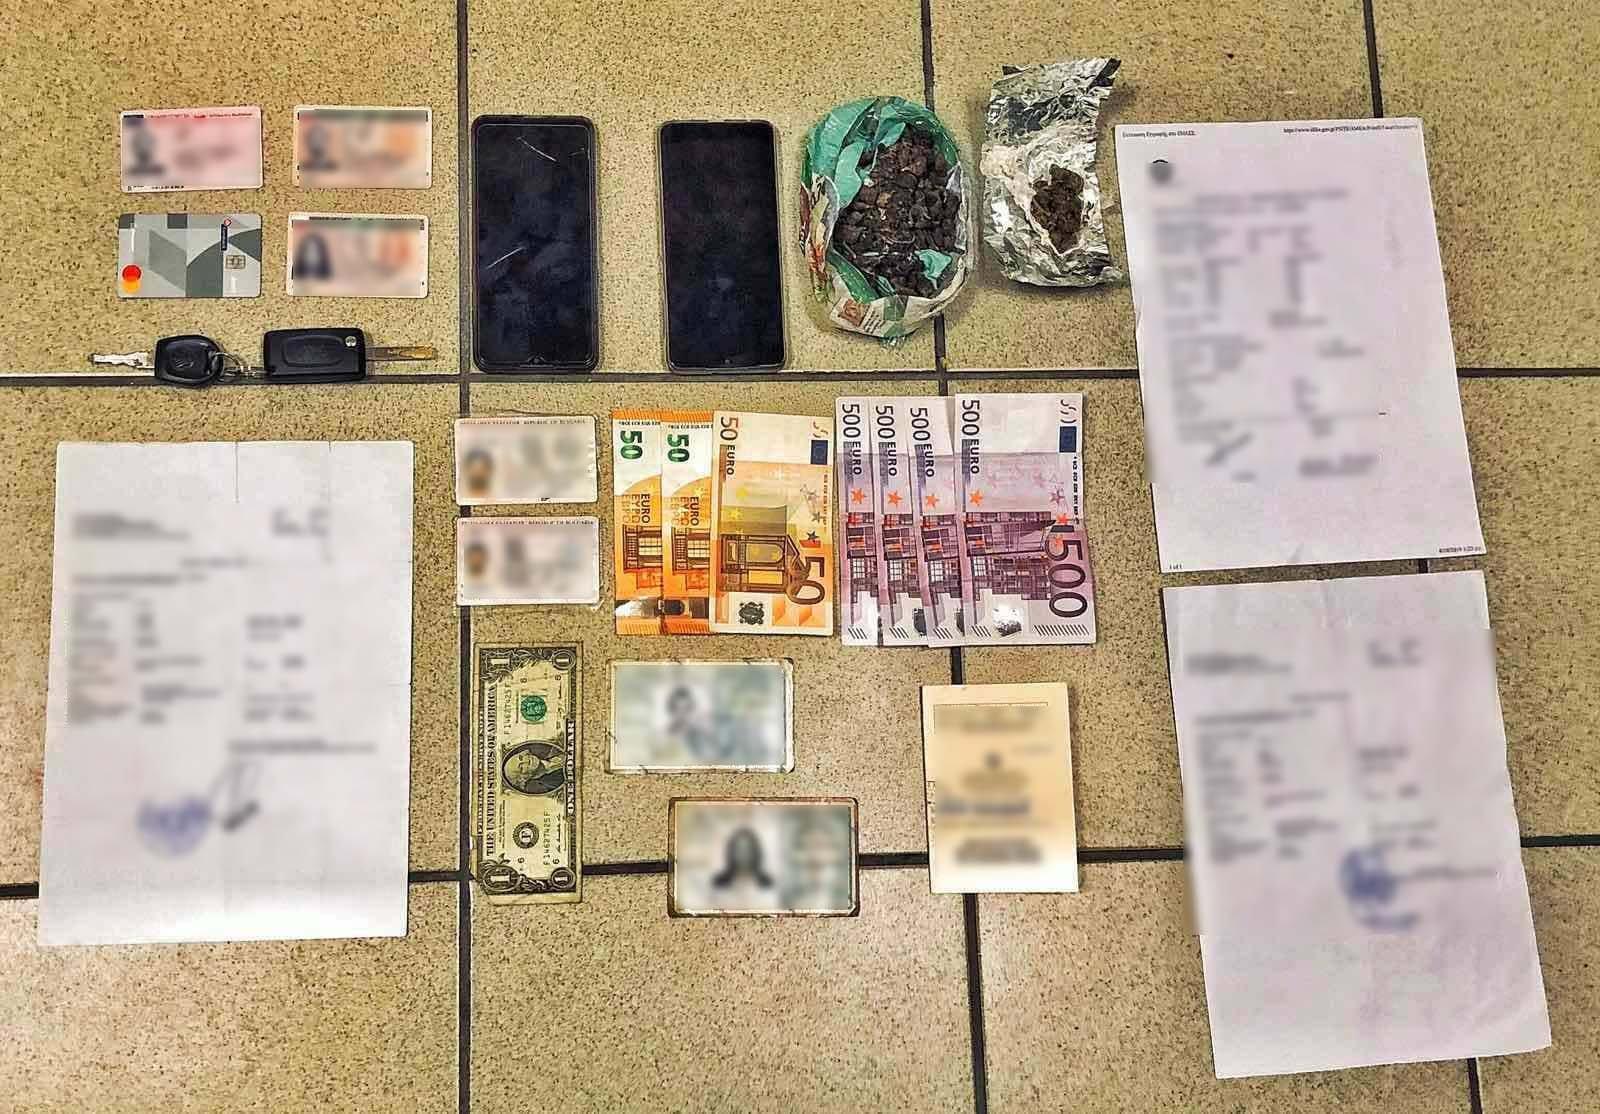 Θεσσαλονίκη: Οι εικόνες πίσω από τη σύλληψη Σέρβου καταζητούμενου για διακίνηση ναρκωτικών